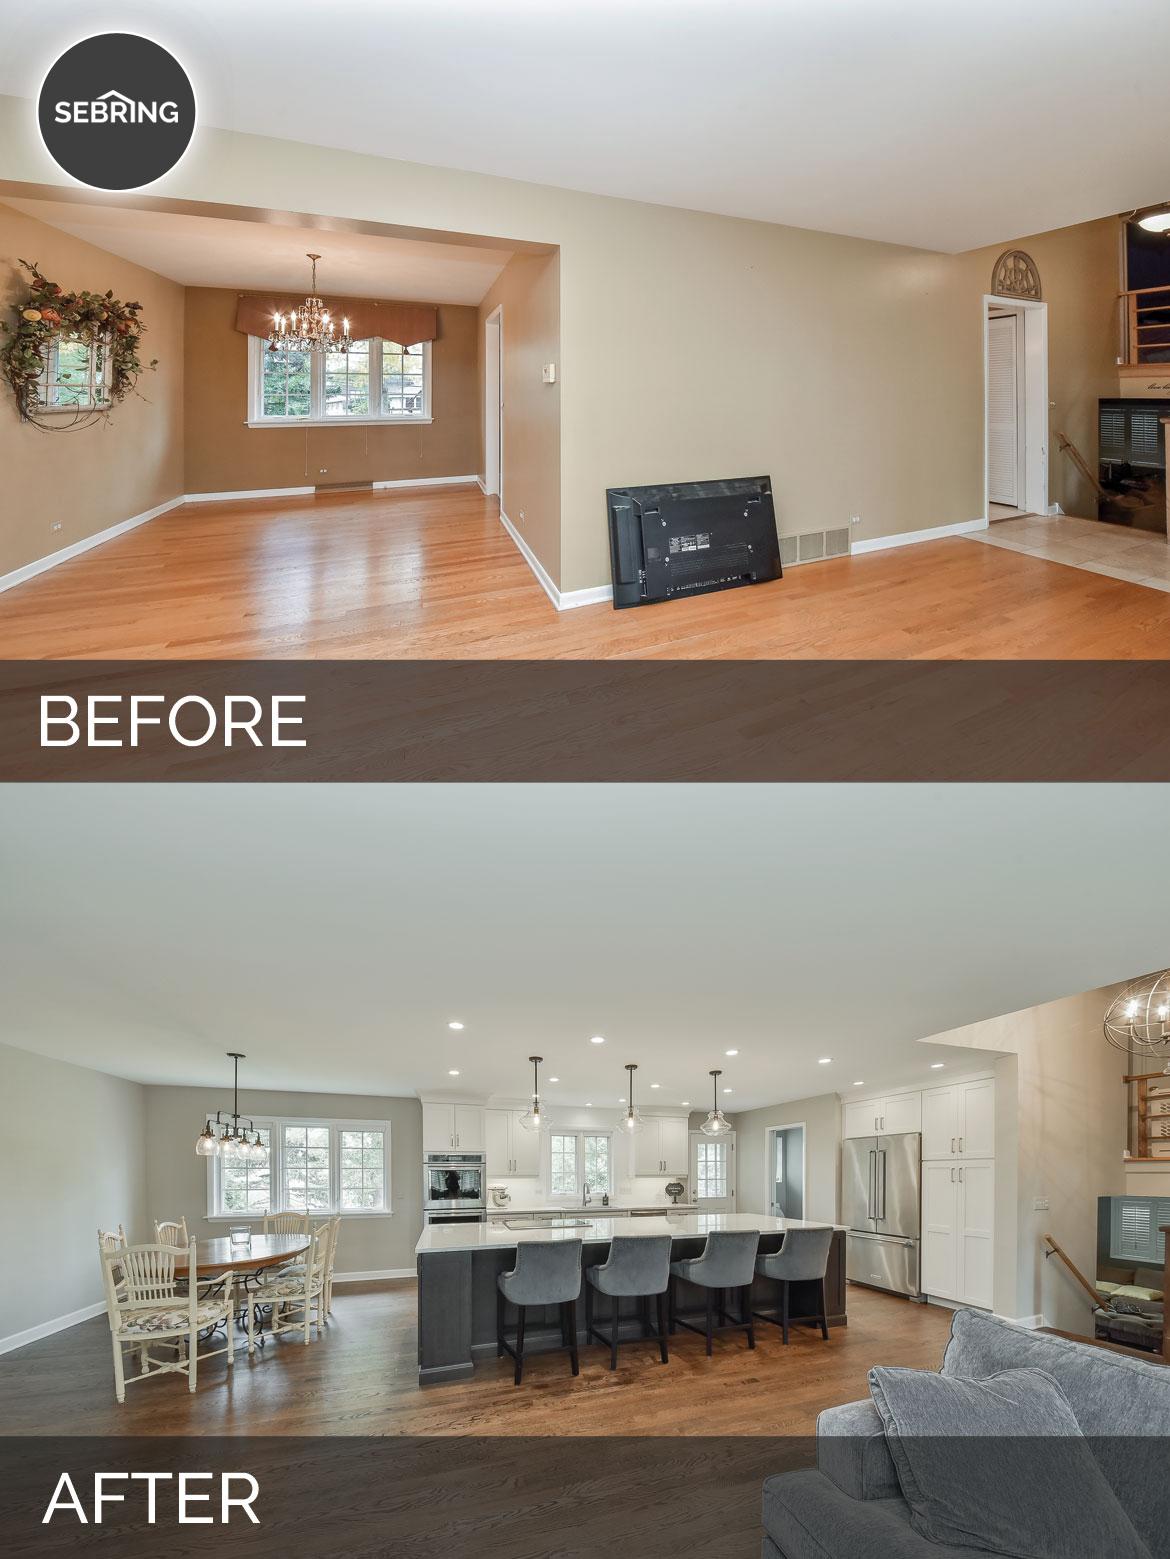 Before & After Kitchen Elmhurst - Sebring Design Build